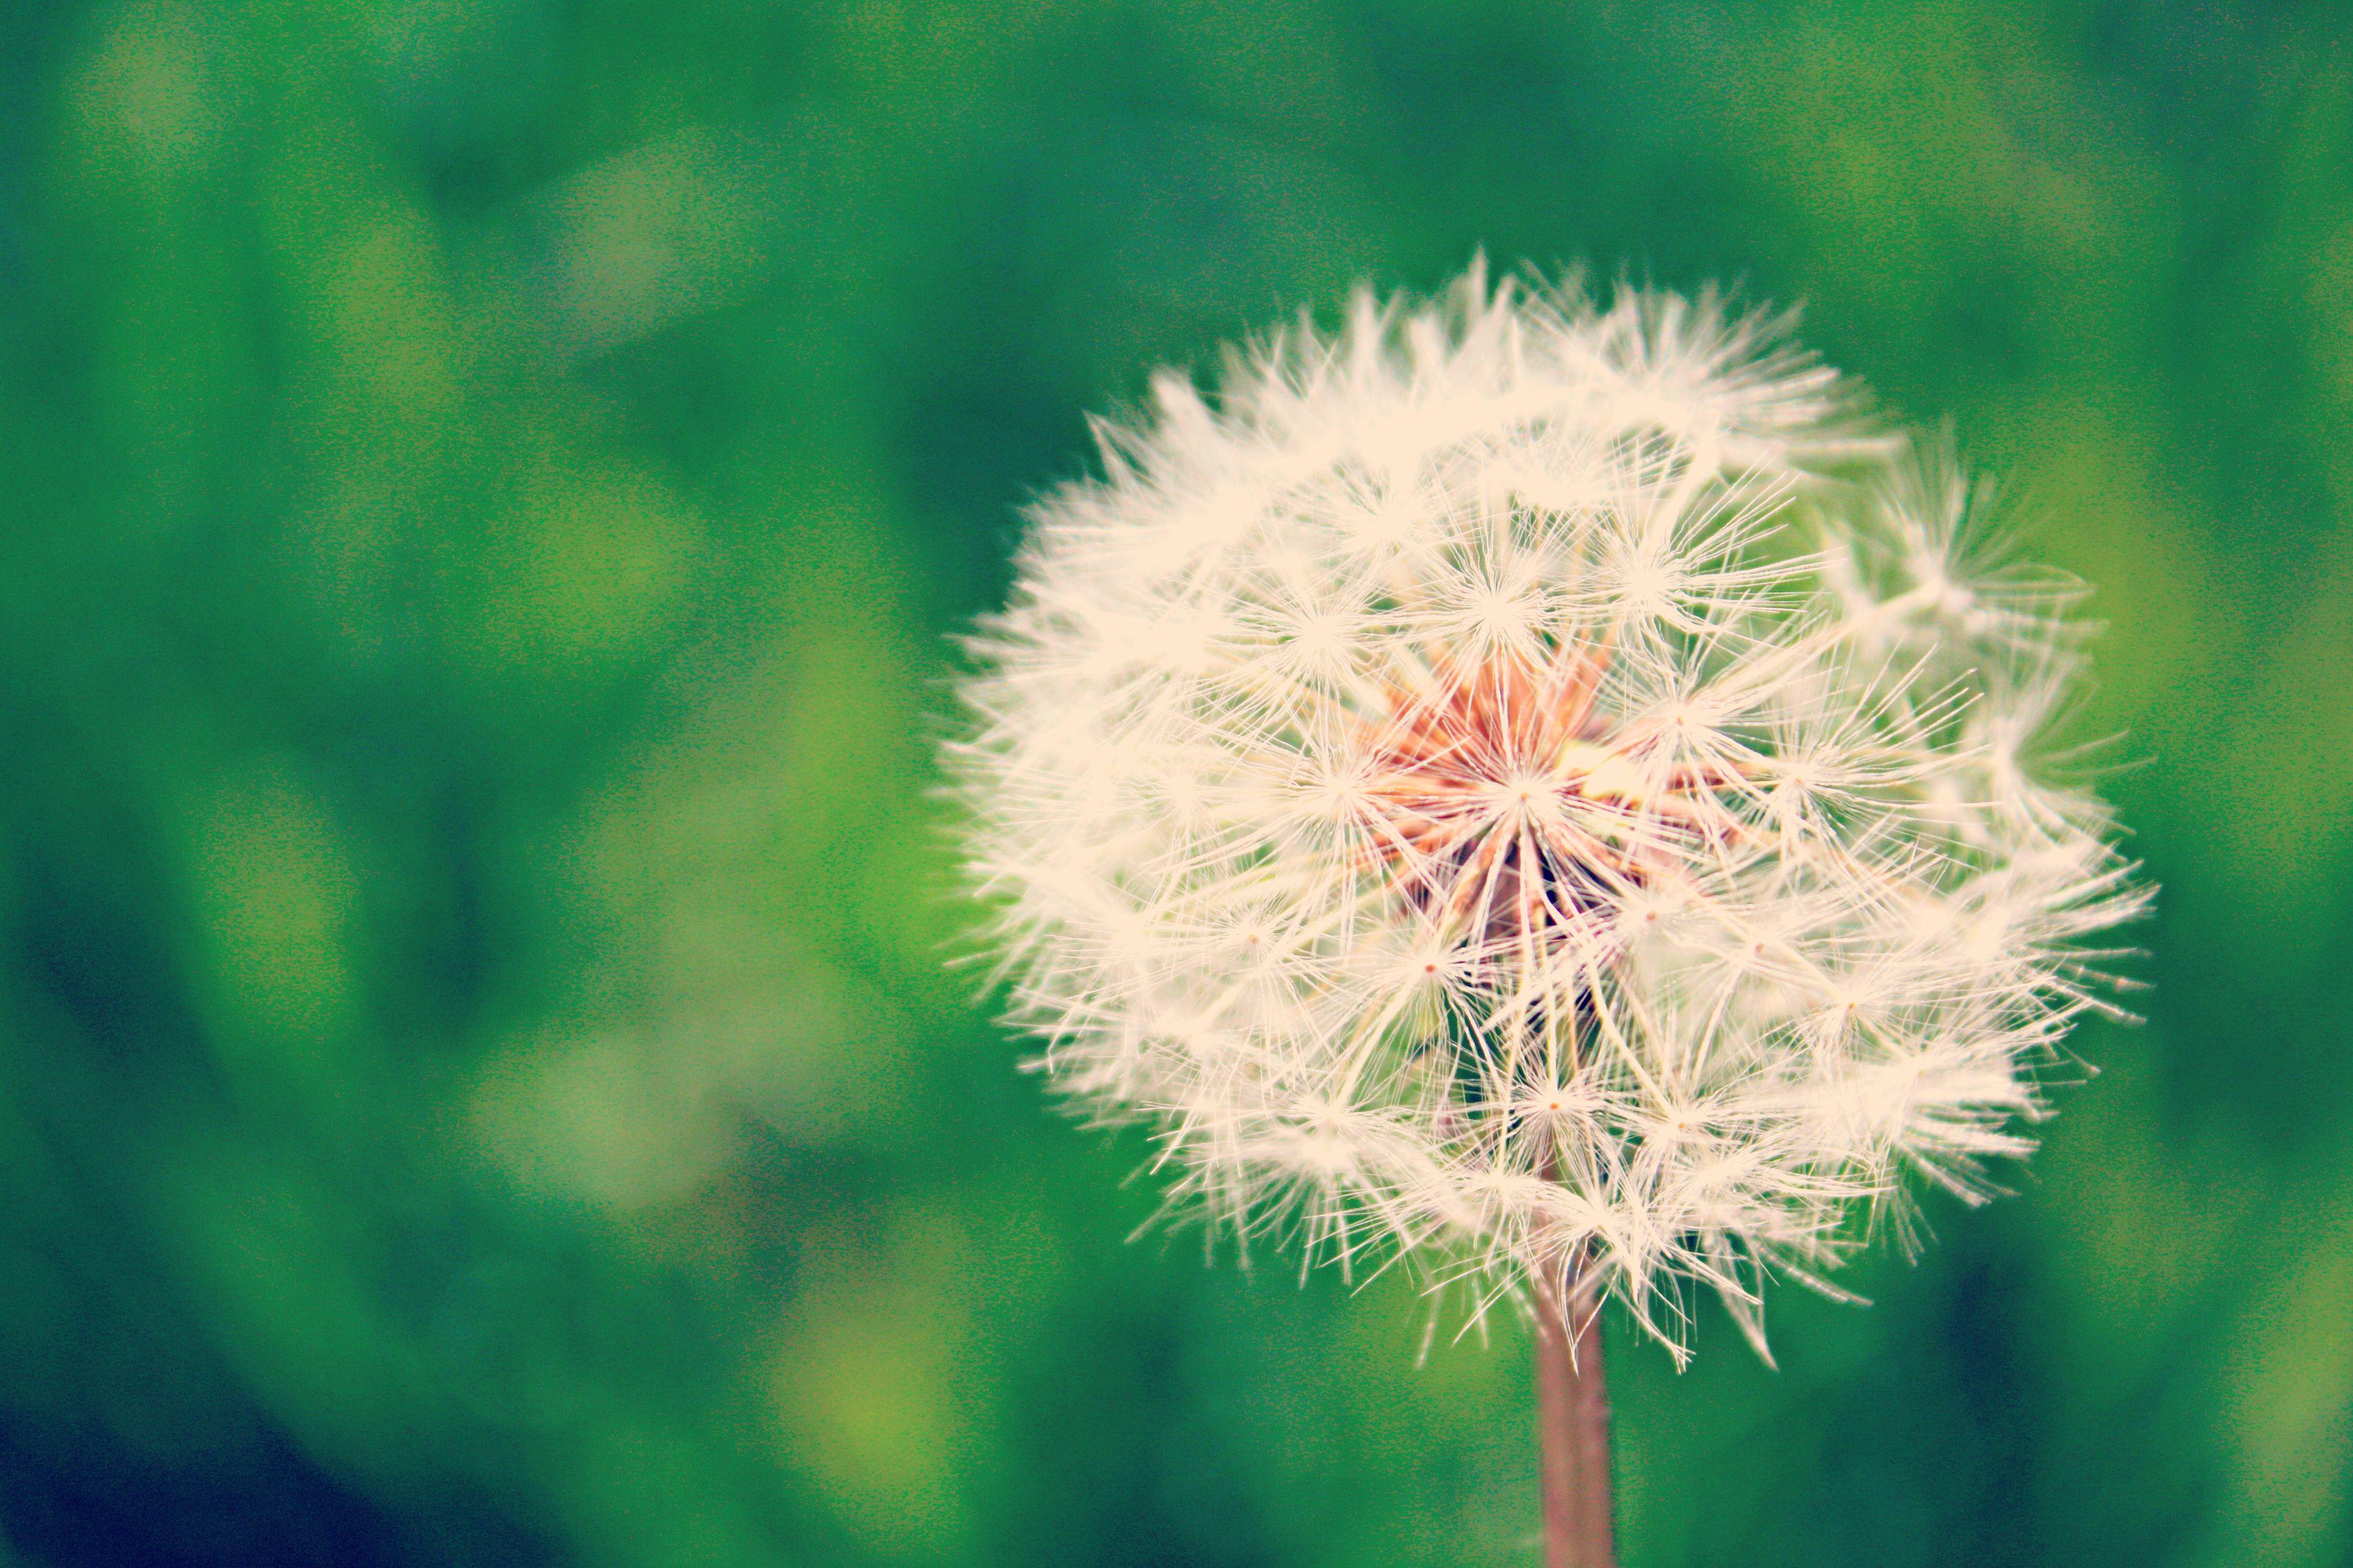 (Archivo BdF) Este artículo mo podía faltar para los que acabamos de entrar de pleno en la primavera ;-) http://www.blogdelfotografo.com/20-consejos-fotografia-primavera/